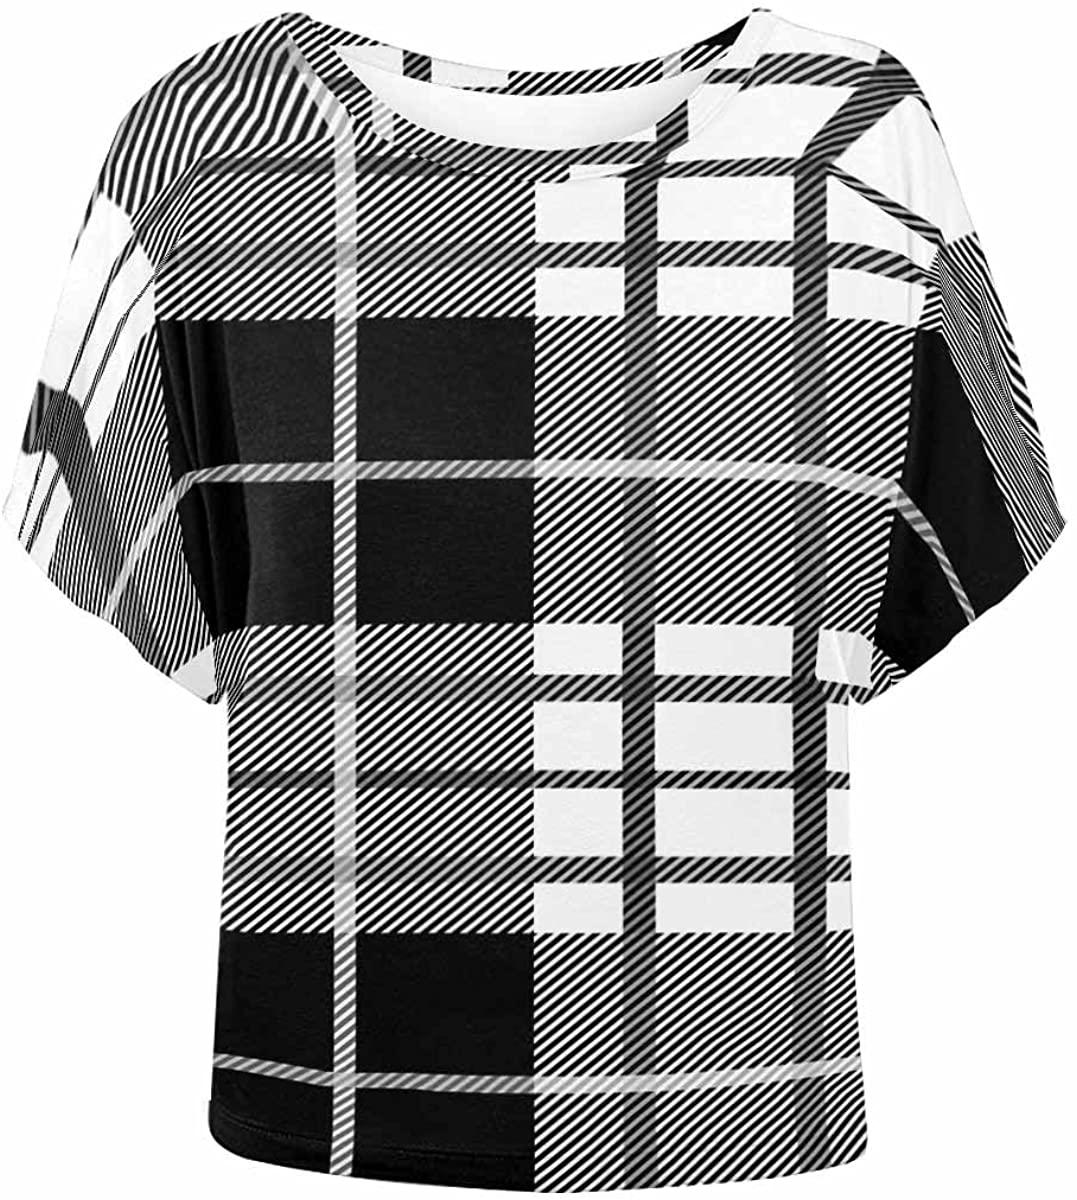 INTERESTPRINT Women O Neck Short Sleeve T-Shirt Casual Blouse Top Plaid XS